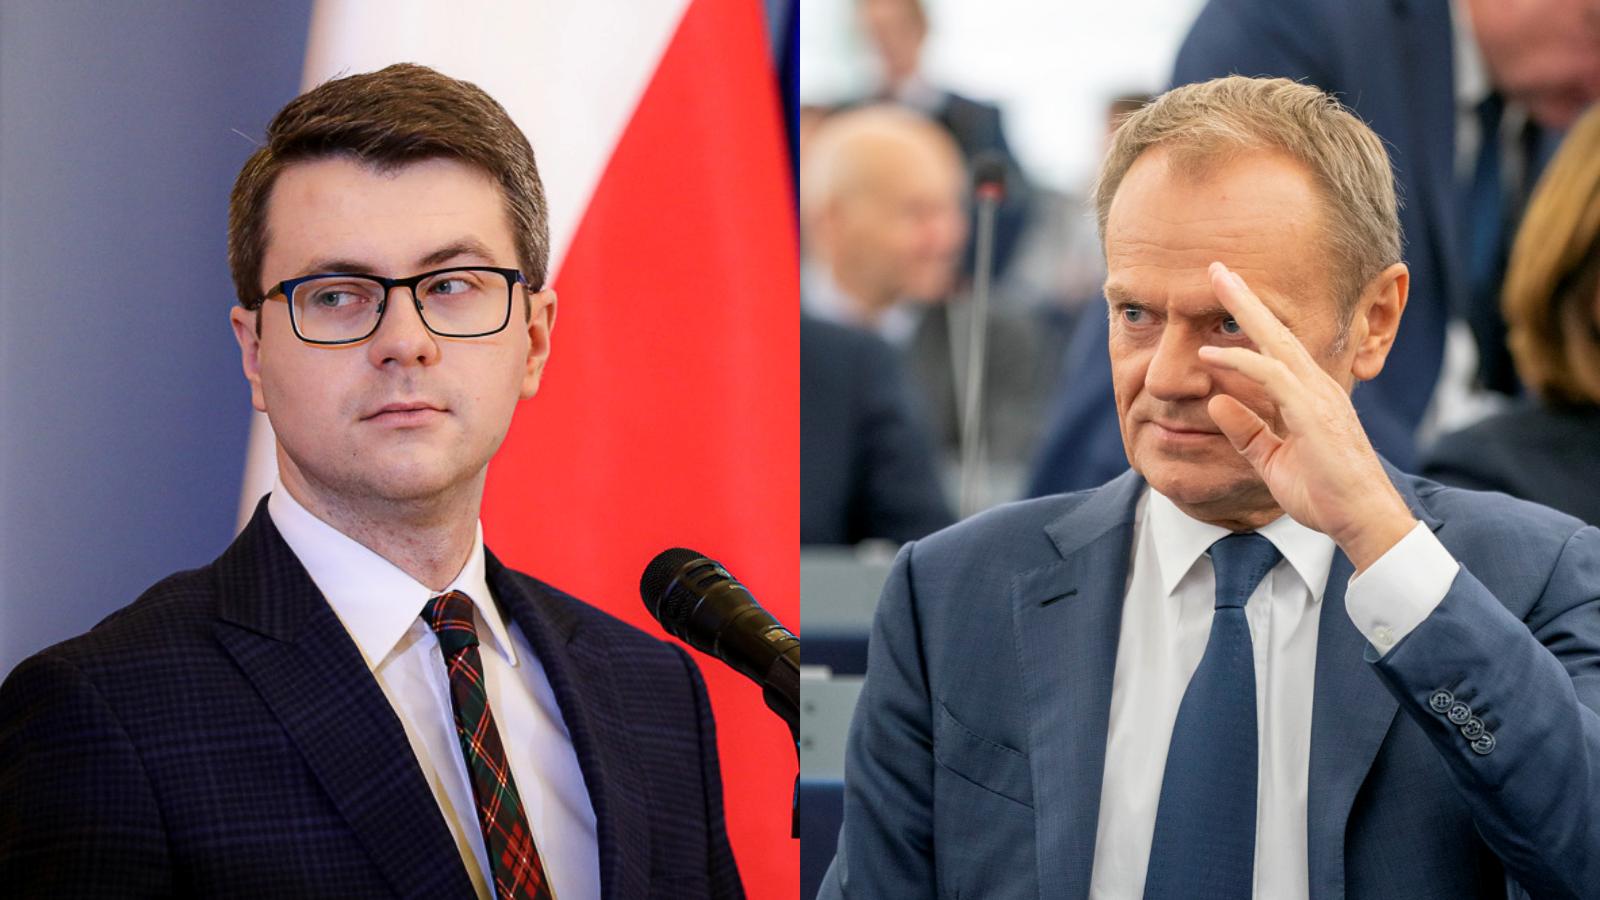 KE zwleka z akceptacją pieniędzy dla Polski. Rzecznik rządu: Wina Tuska